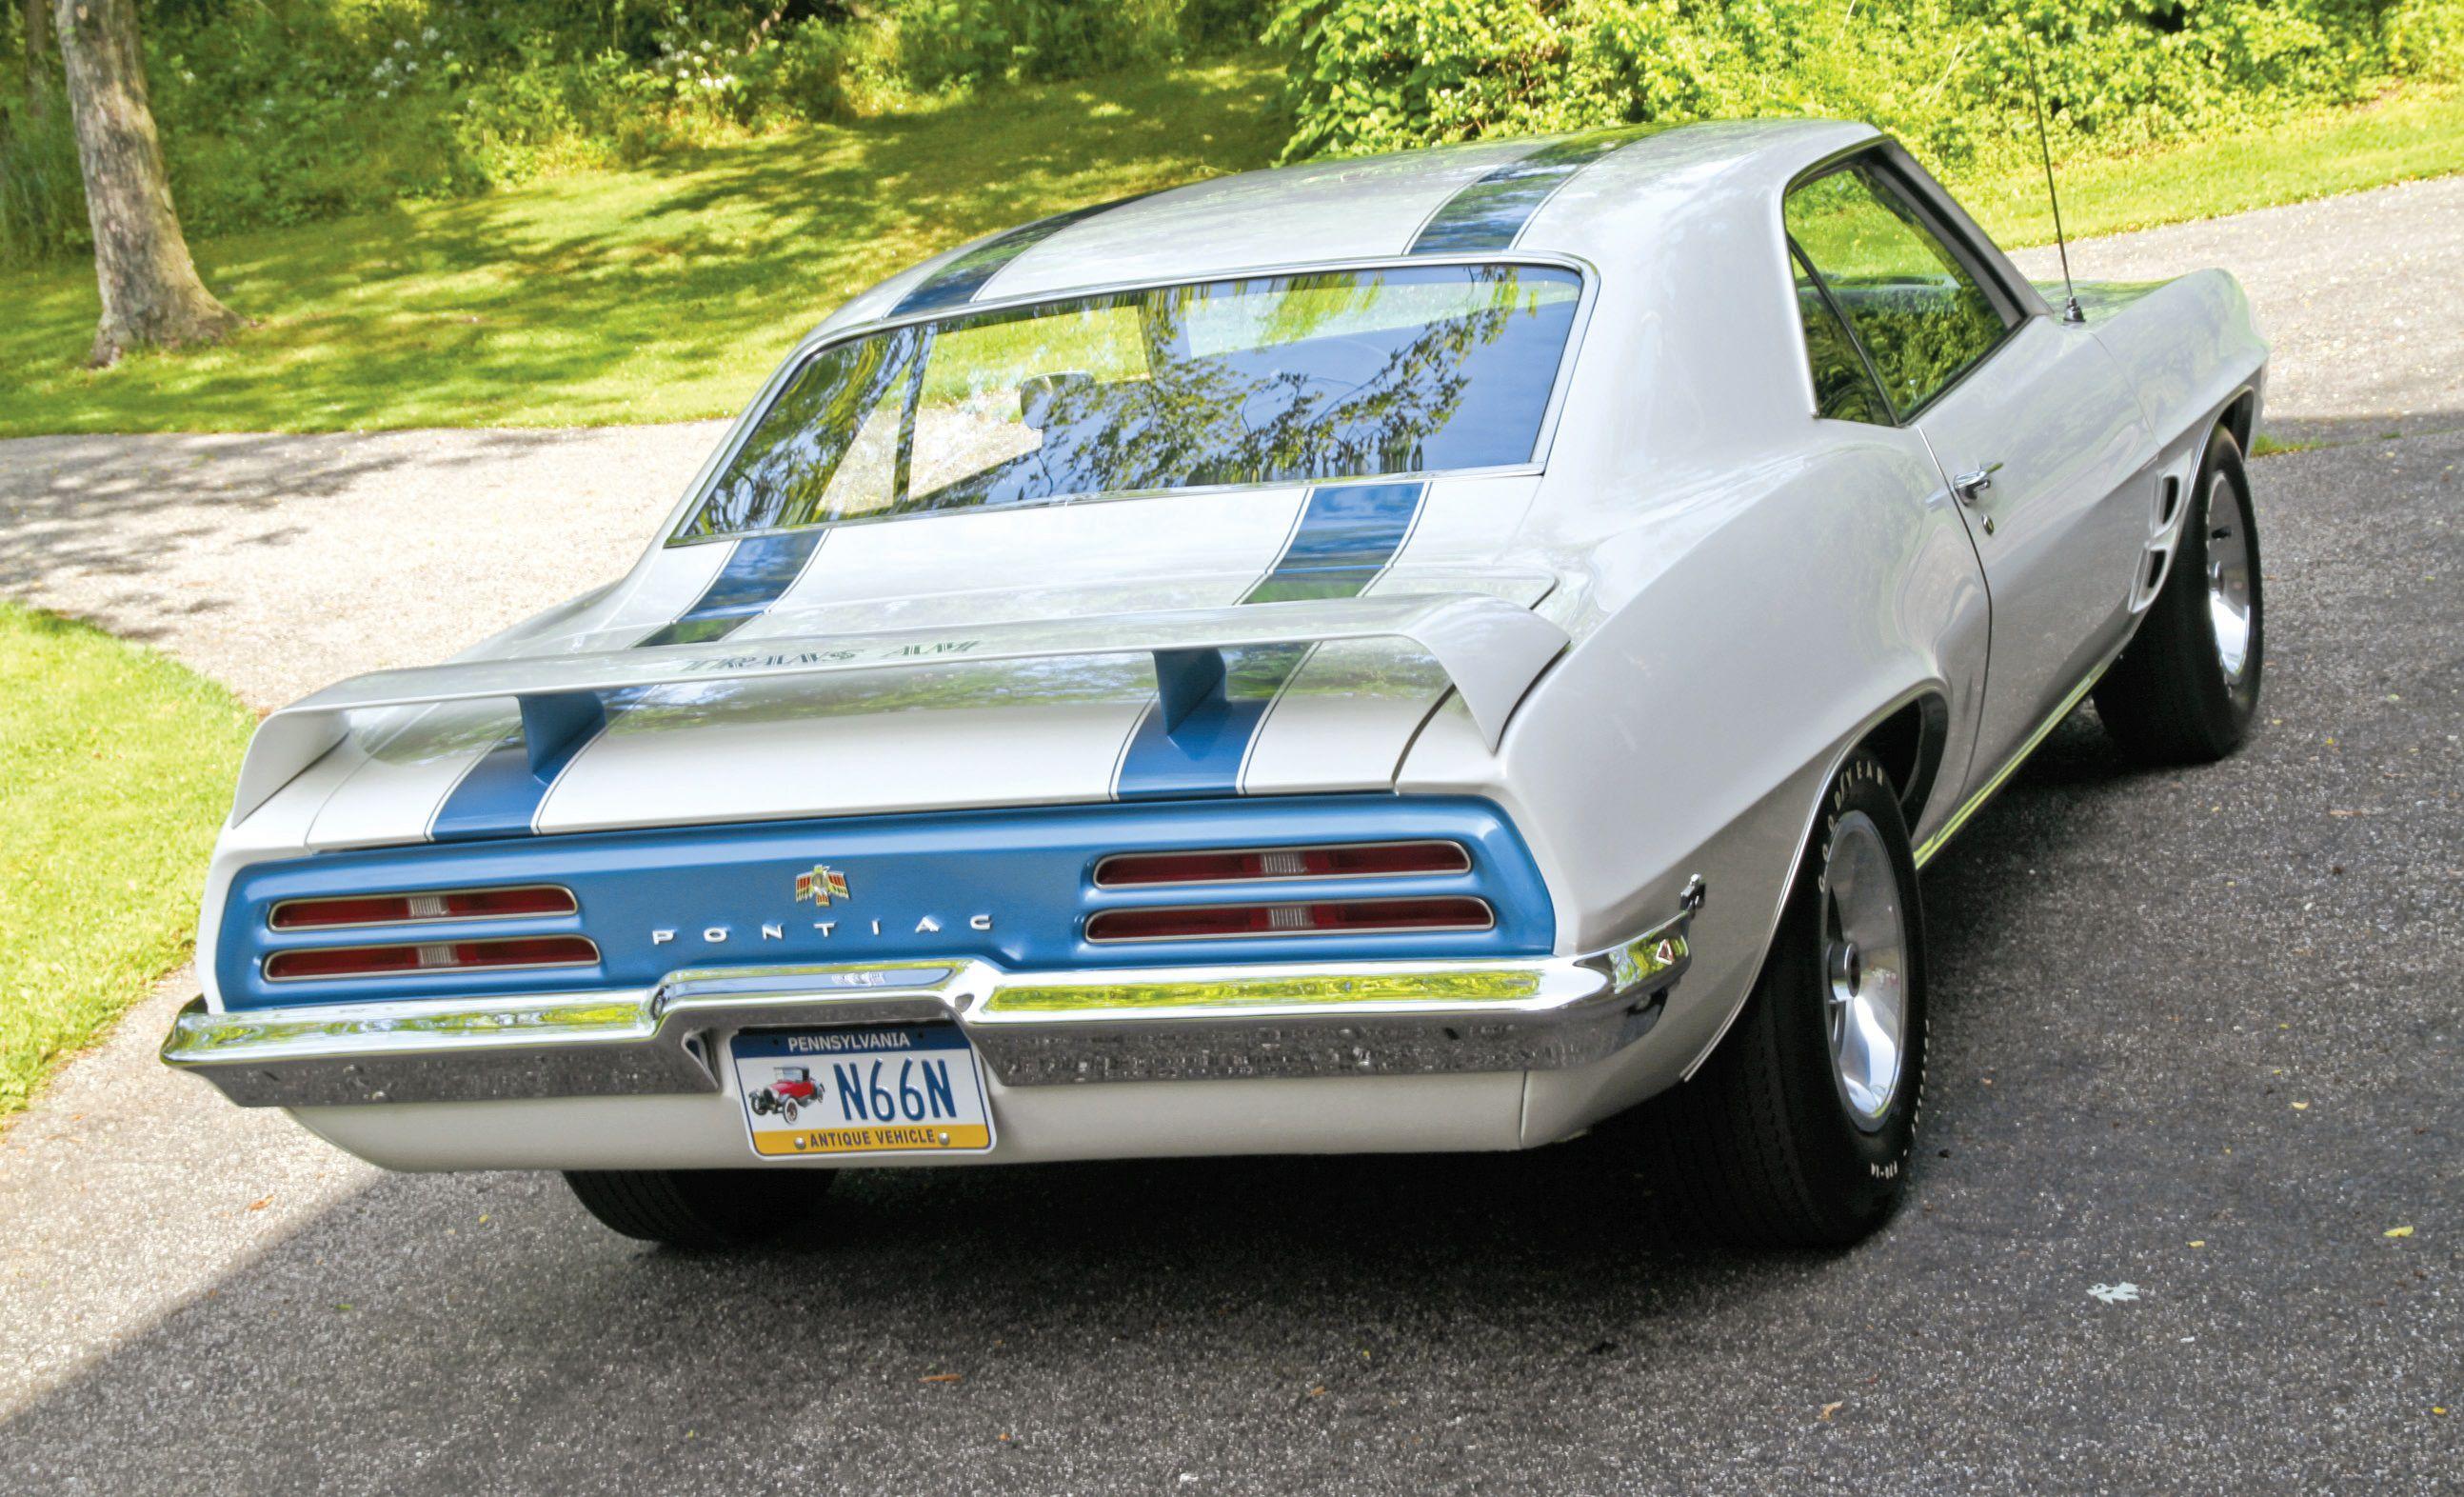 1967 1969 Pontiac Firebird Trans Am Convertible Rear Armrest Cover 4 Piece Set